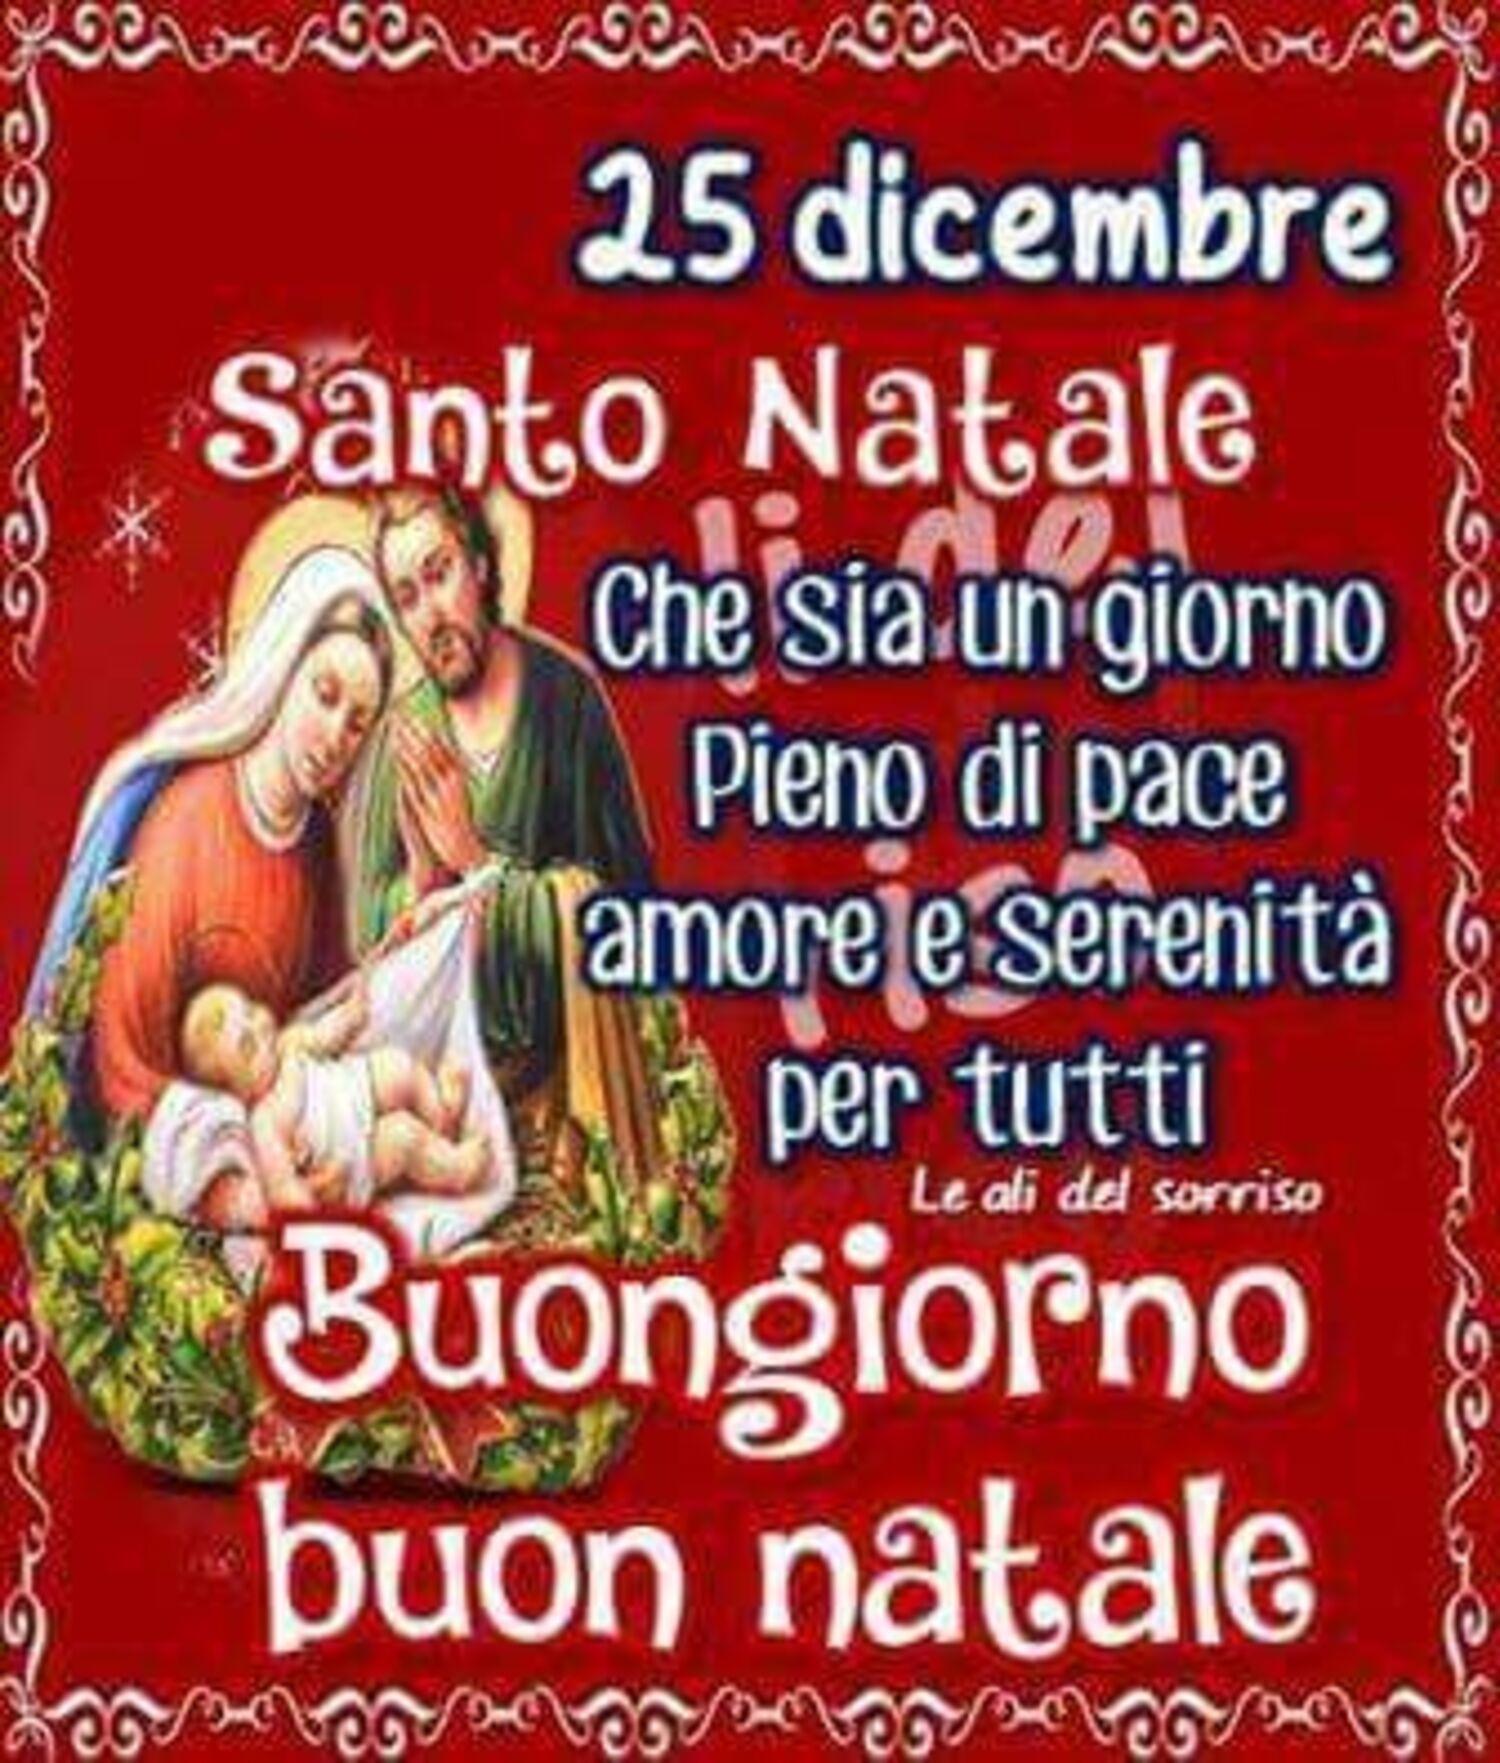 25 Dicembre Santo Natale che sia un giorno pieno di pace, amore e serenità per tutti. Buongiorno Buon Natale